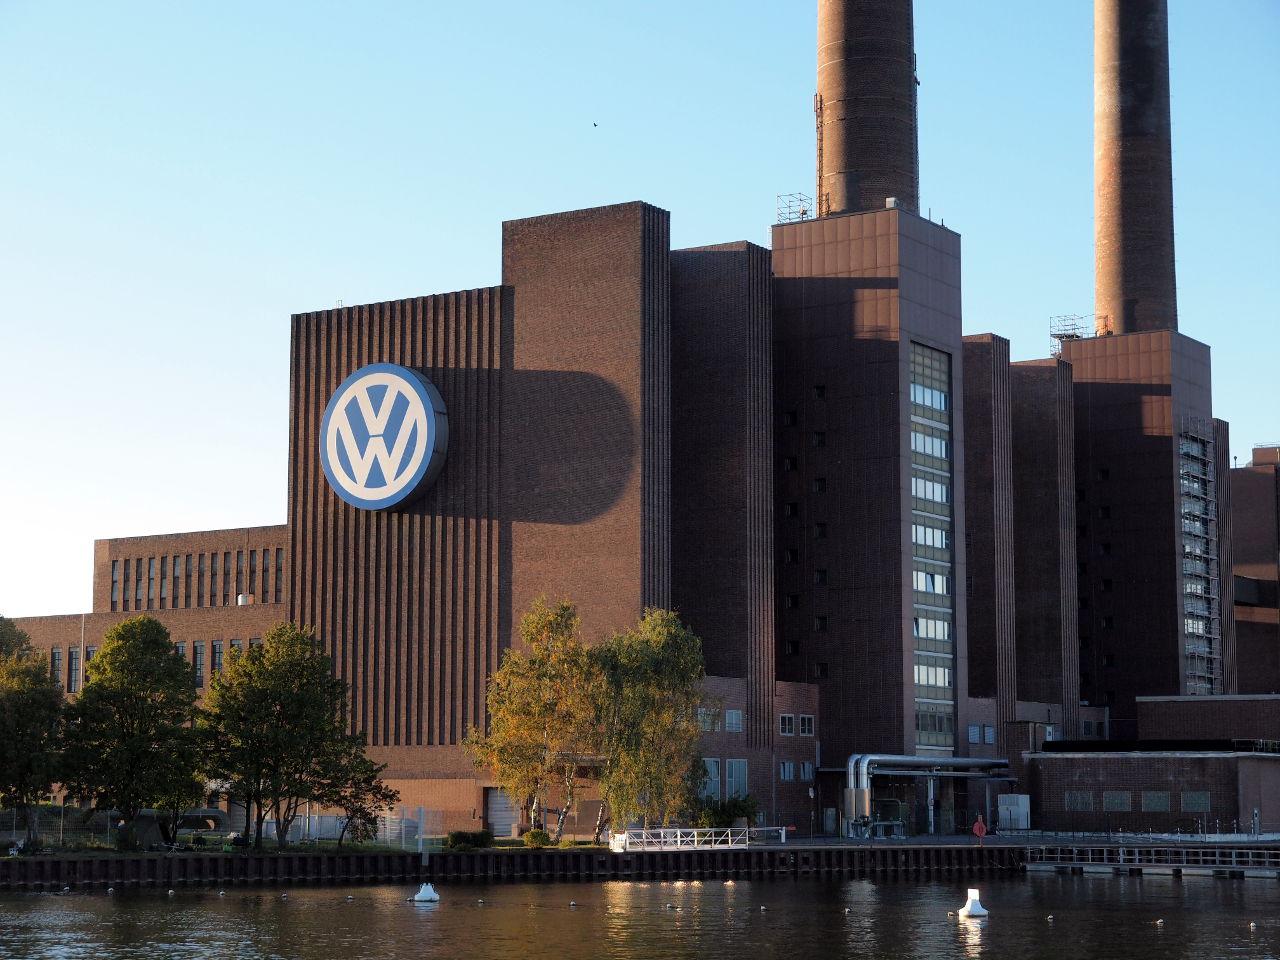 夕陽に照らされたヴォルフスブルクのVW本社工場 © Matsuda Masahiro